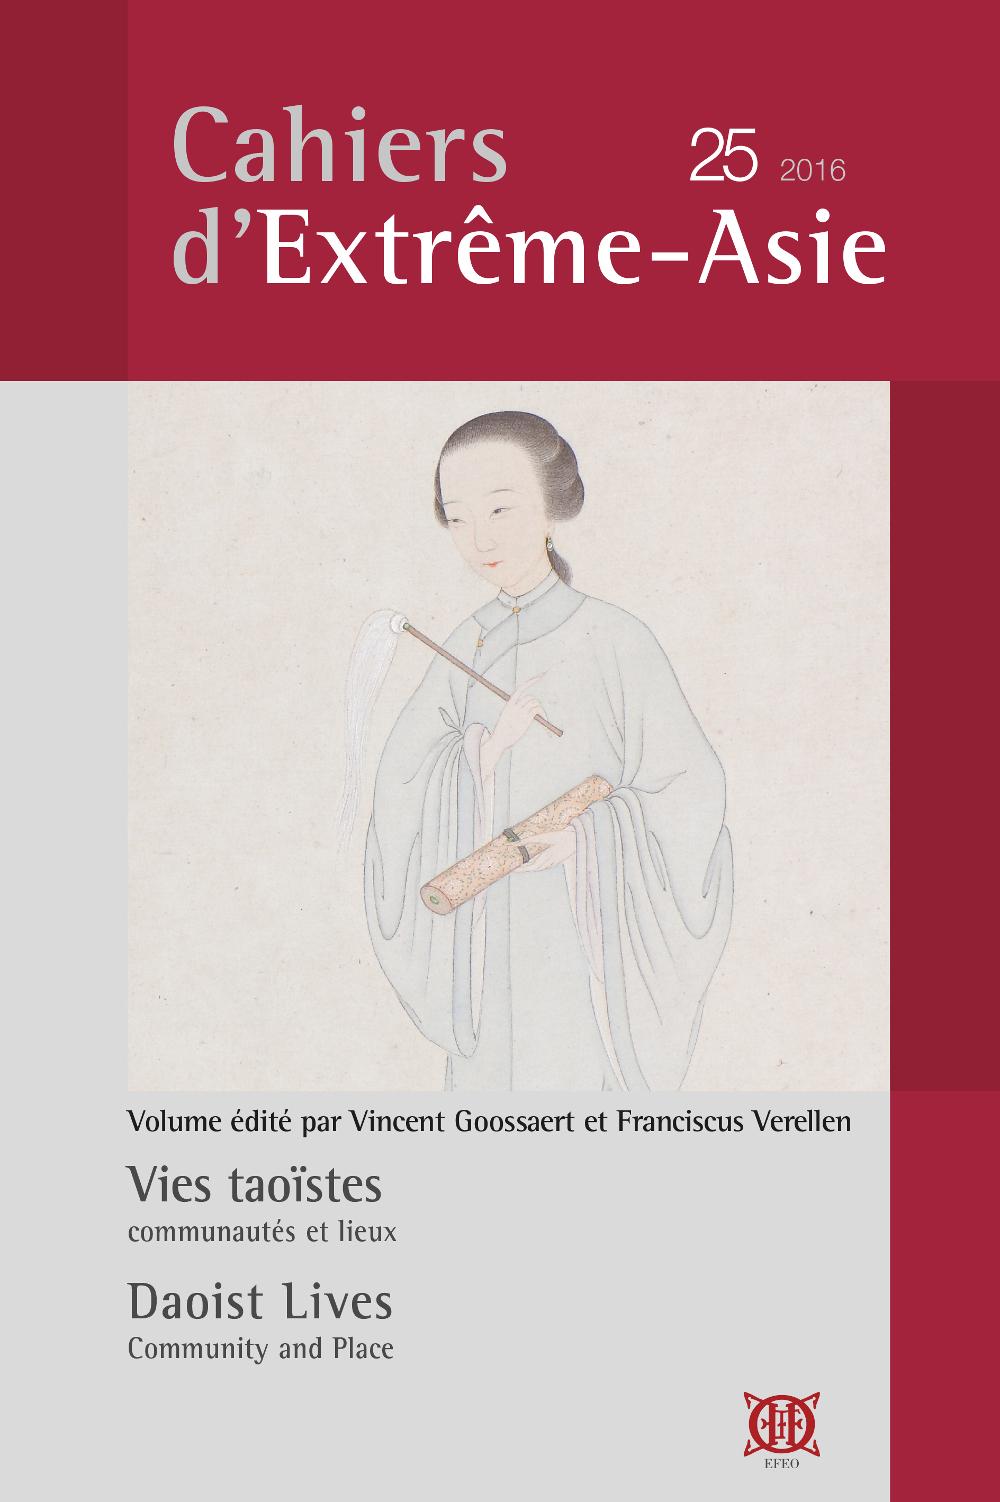 Couverture du Cahier d'Extrême Asie n°25